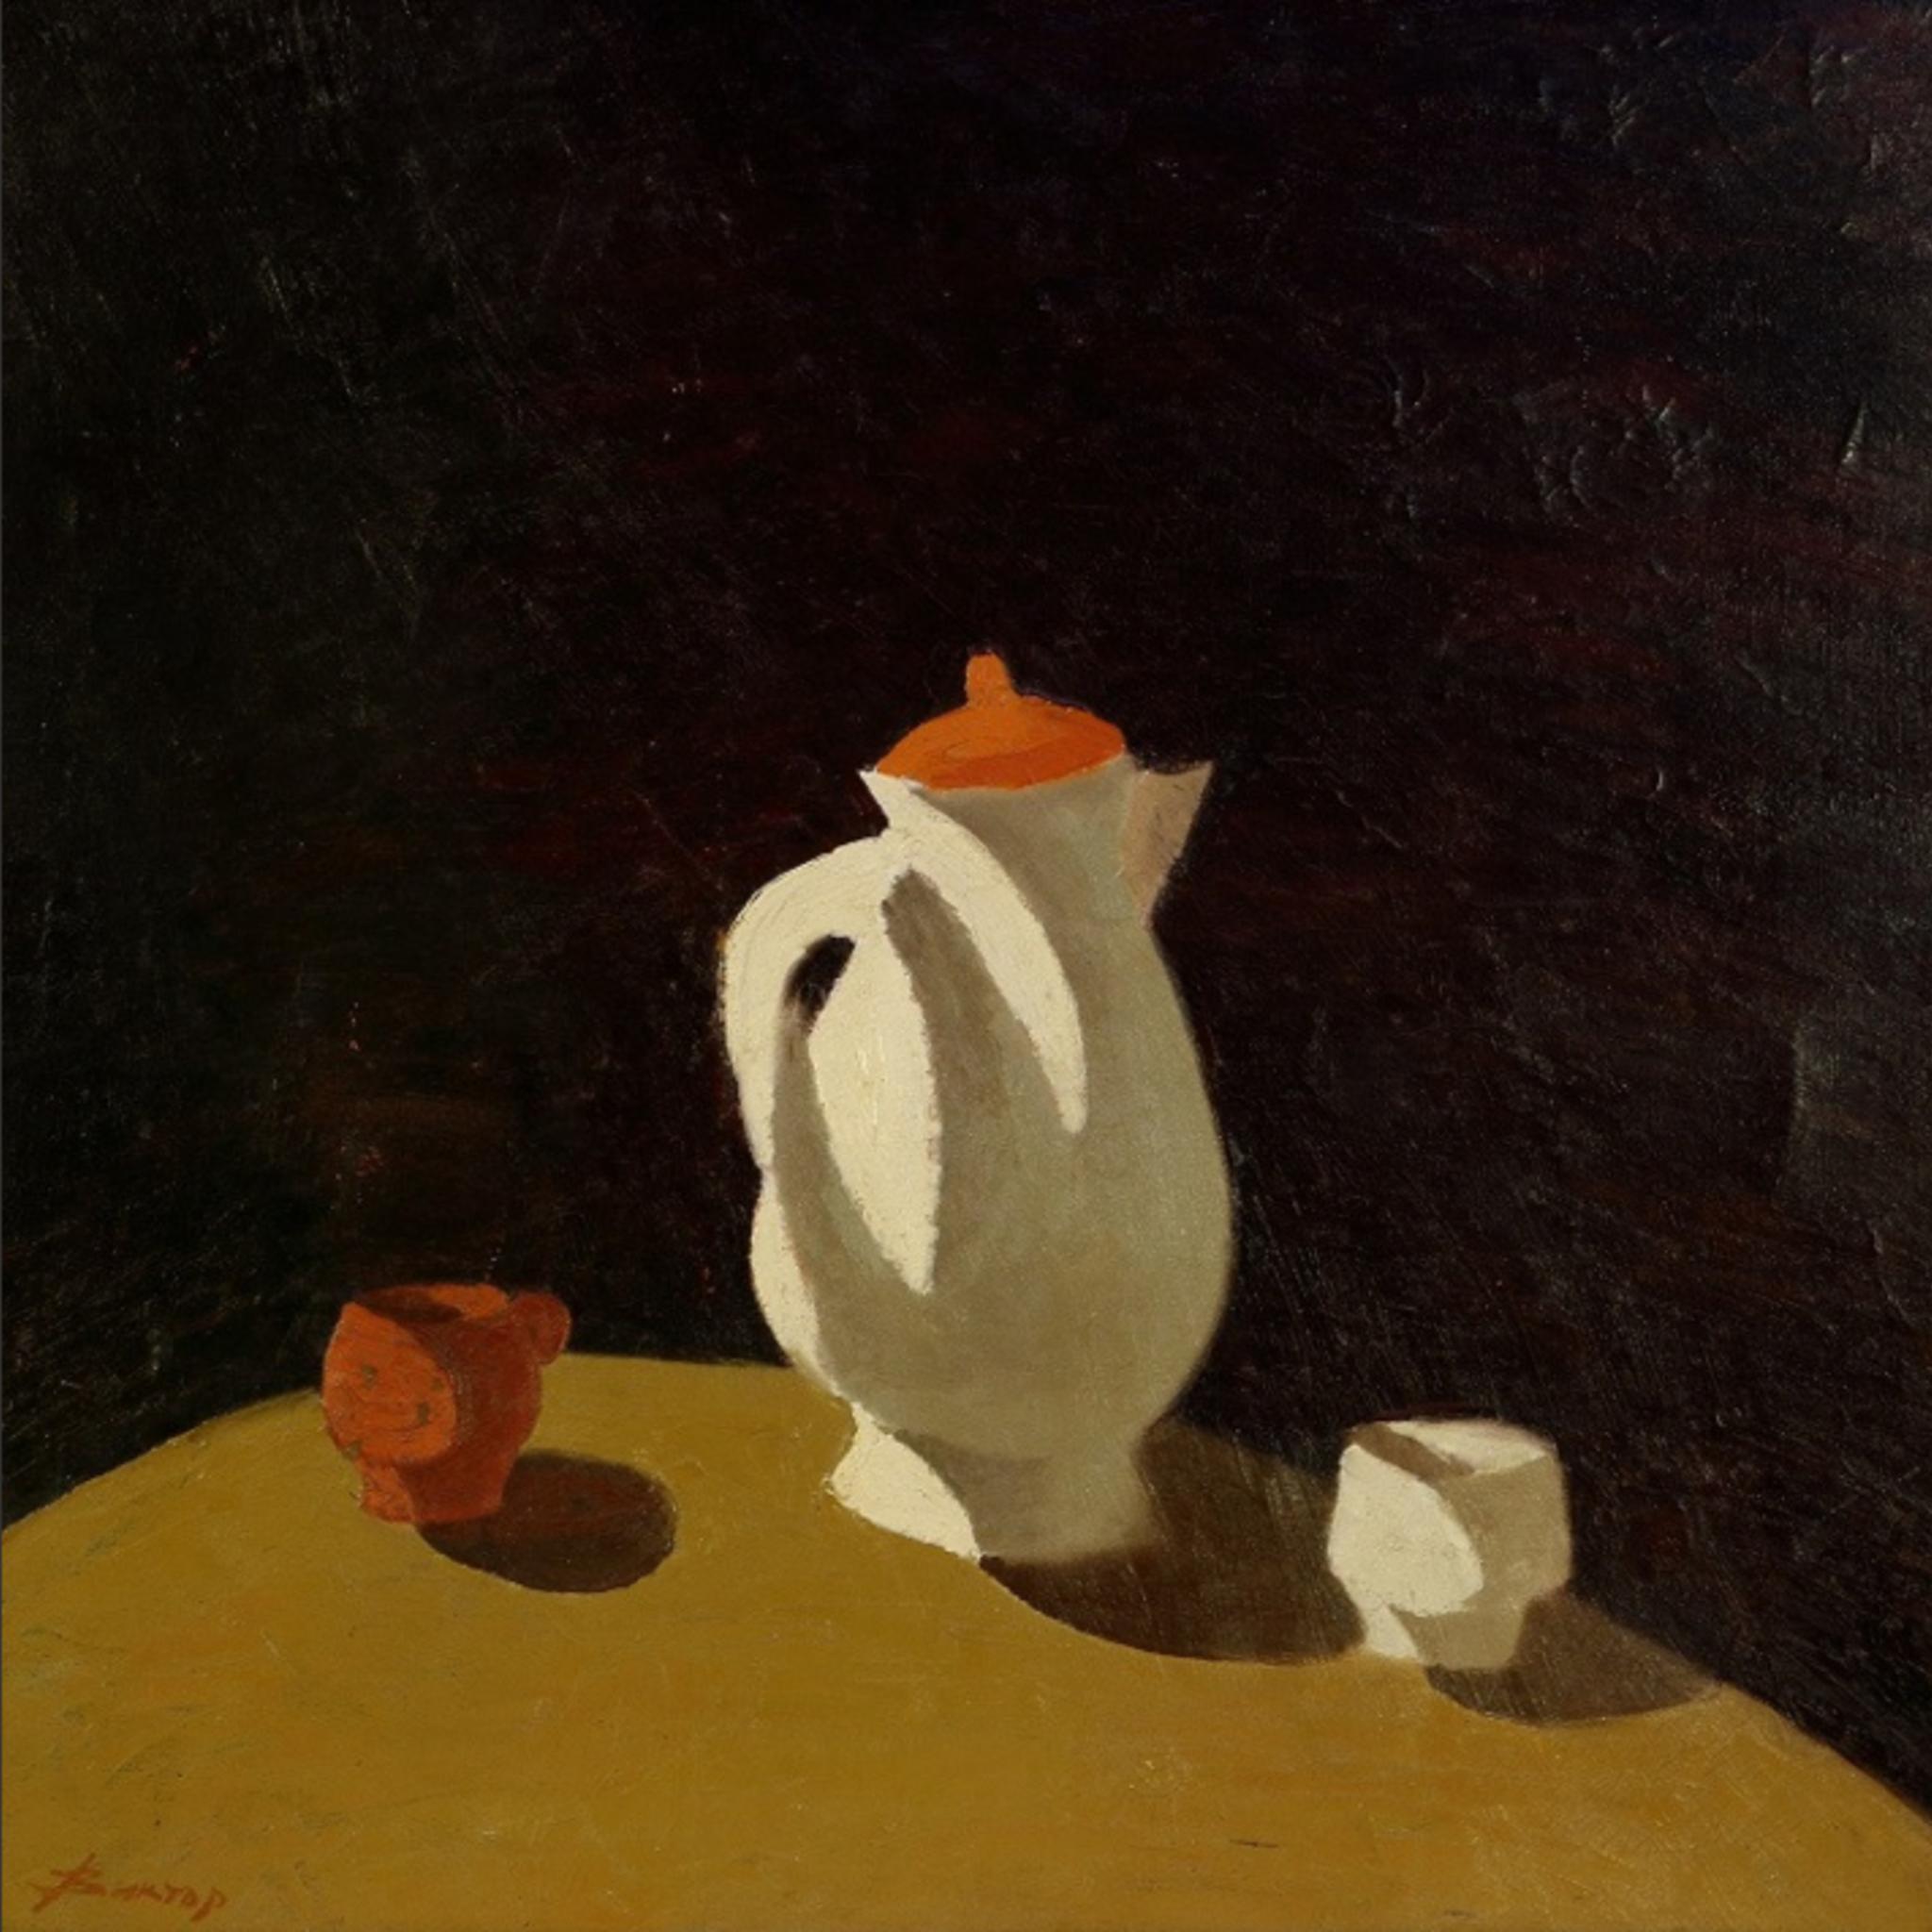 Персональная выставка Виктора Высочина «Свет, тень, кофе»